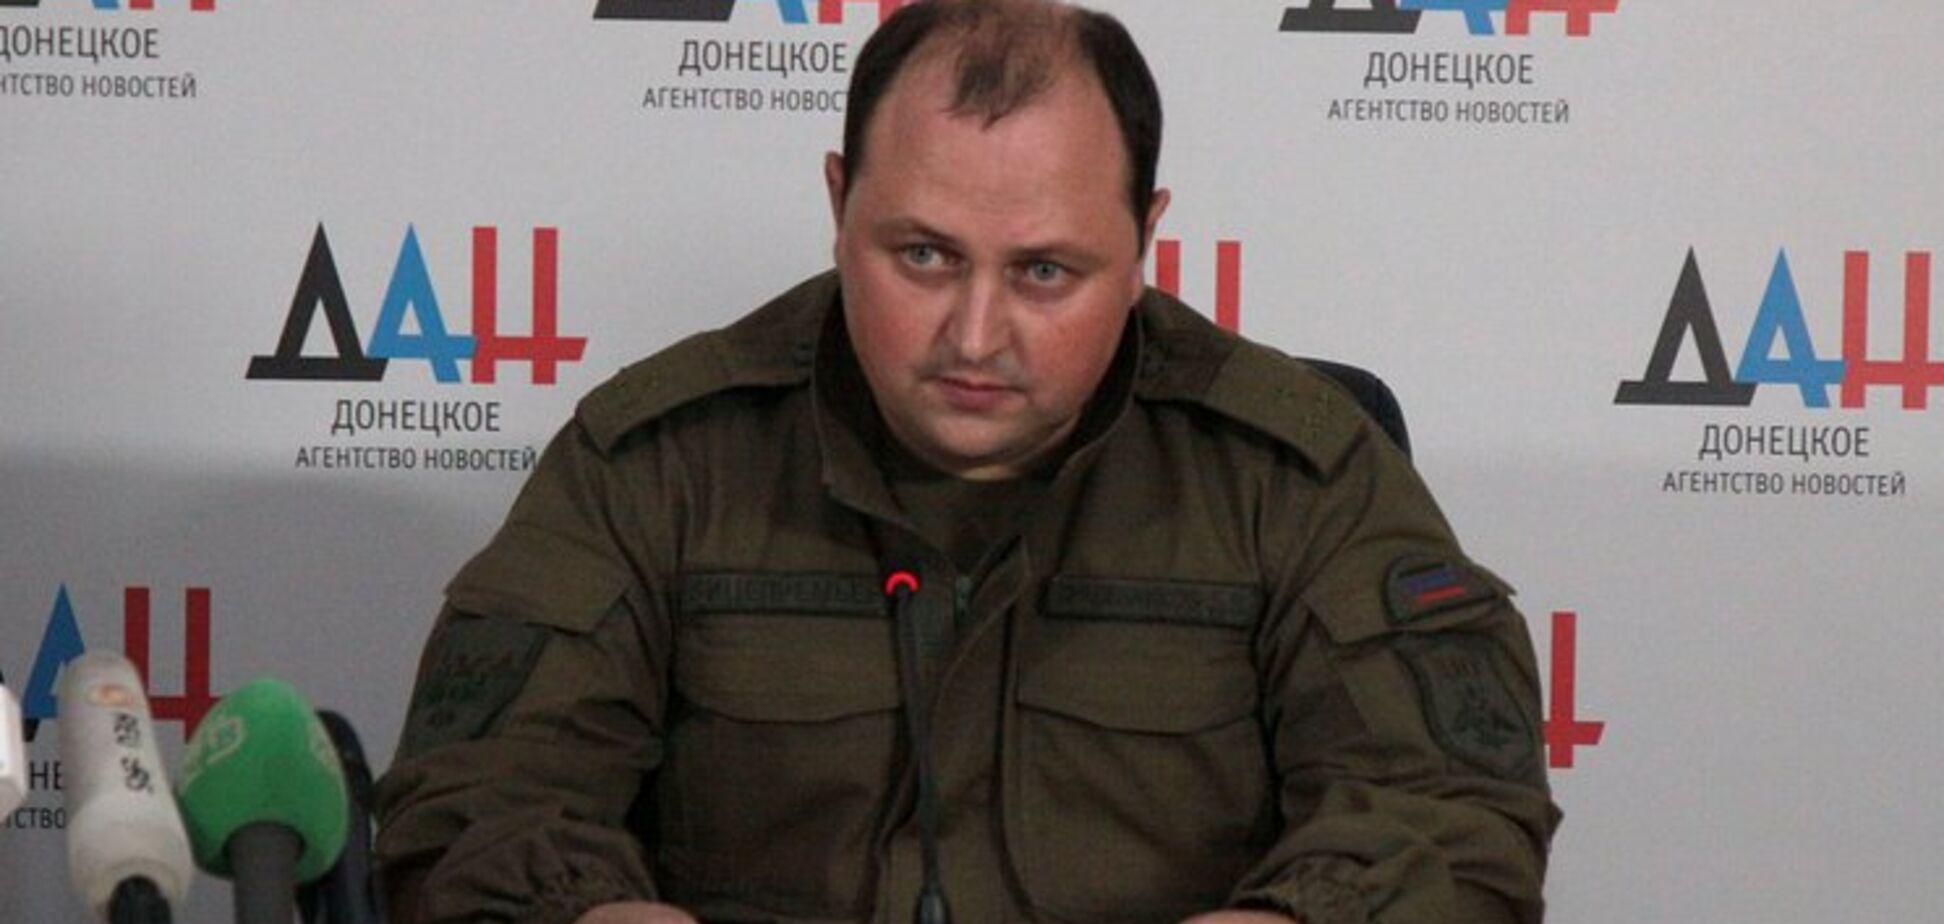 Захарченко мертв: новый главарь 'ДНР' сделал первое заявление